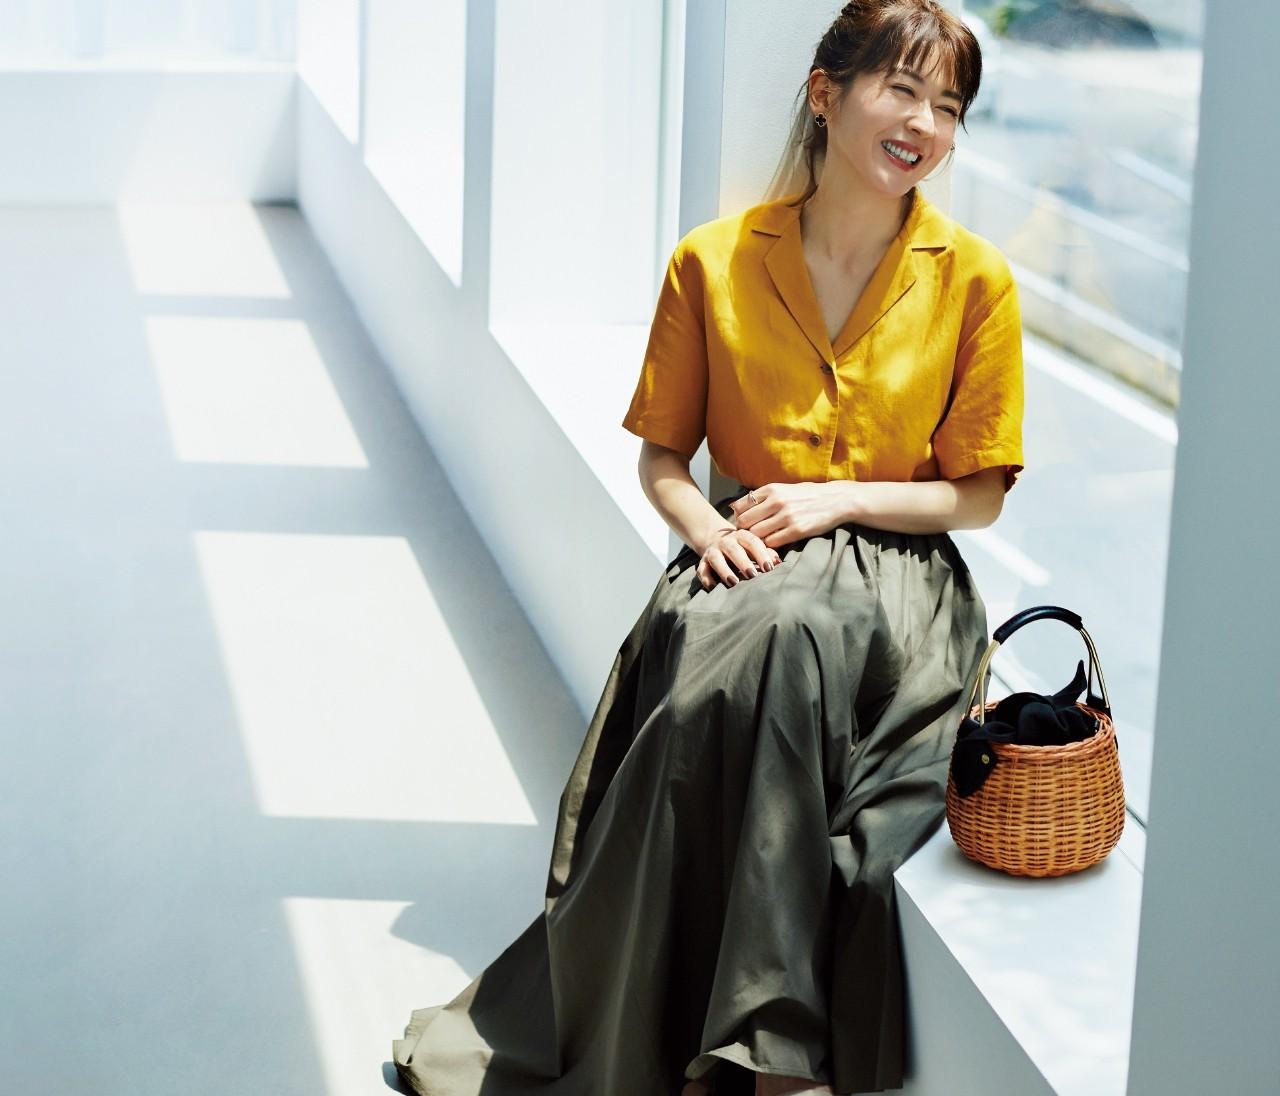 【伊藤真知さんが選ぶ夏ユニクロ】「開襟シャツ」は可愛さと大人っぽさが両立!